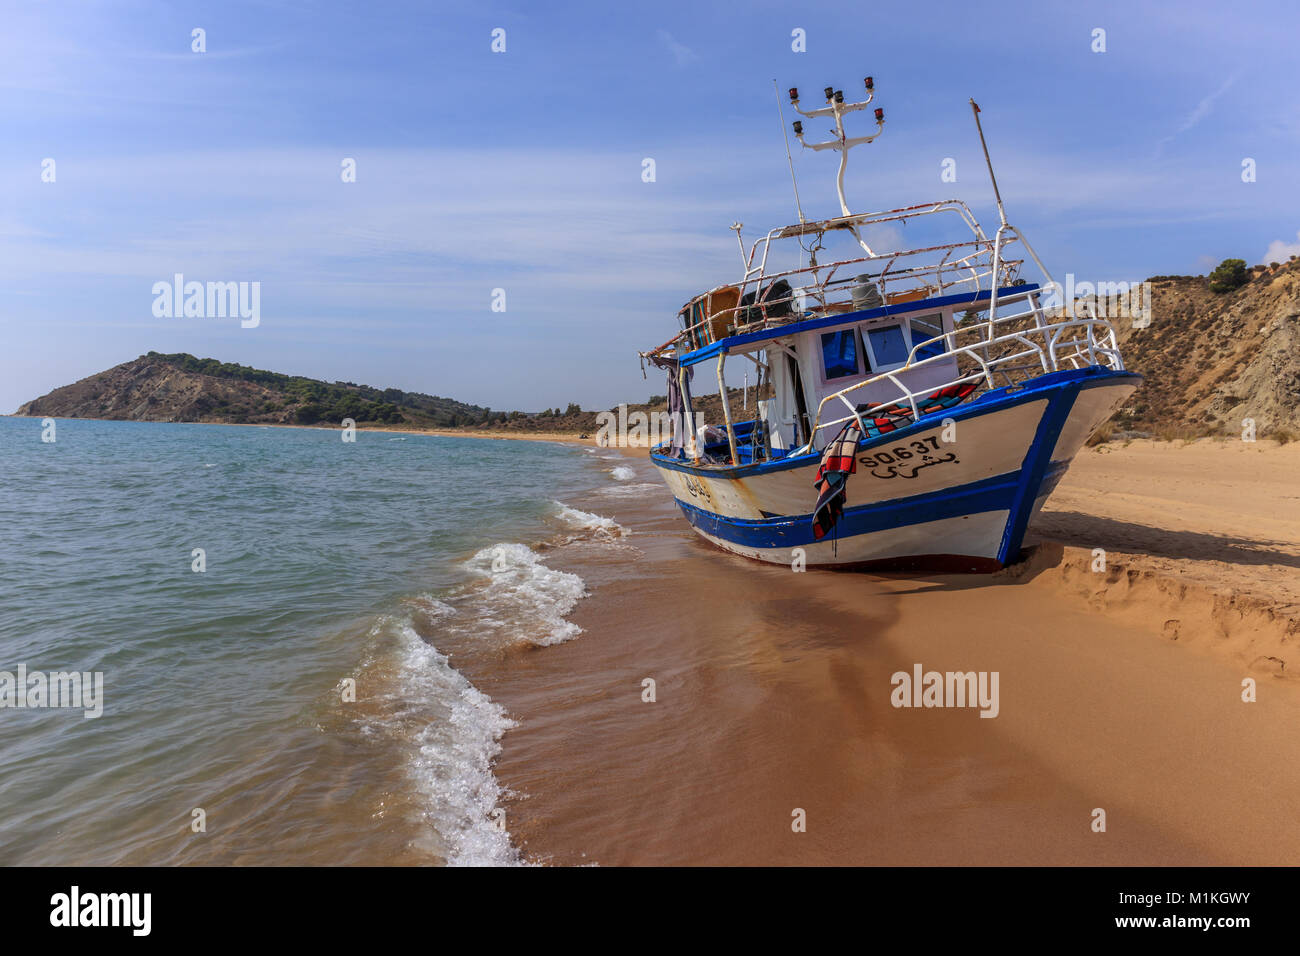 Embarcaciones salieron en la playa después de los desembarcos de inmigrantes ilegales en Torre Salsa Foto de stock